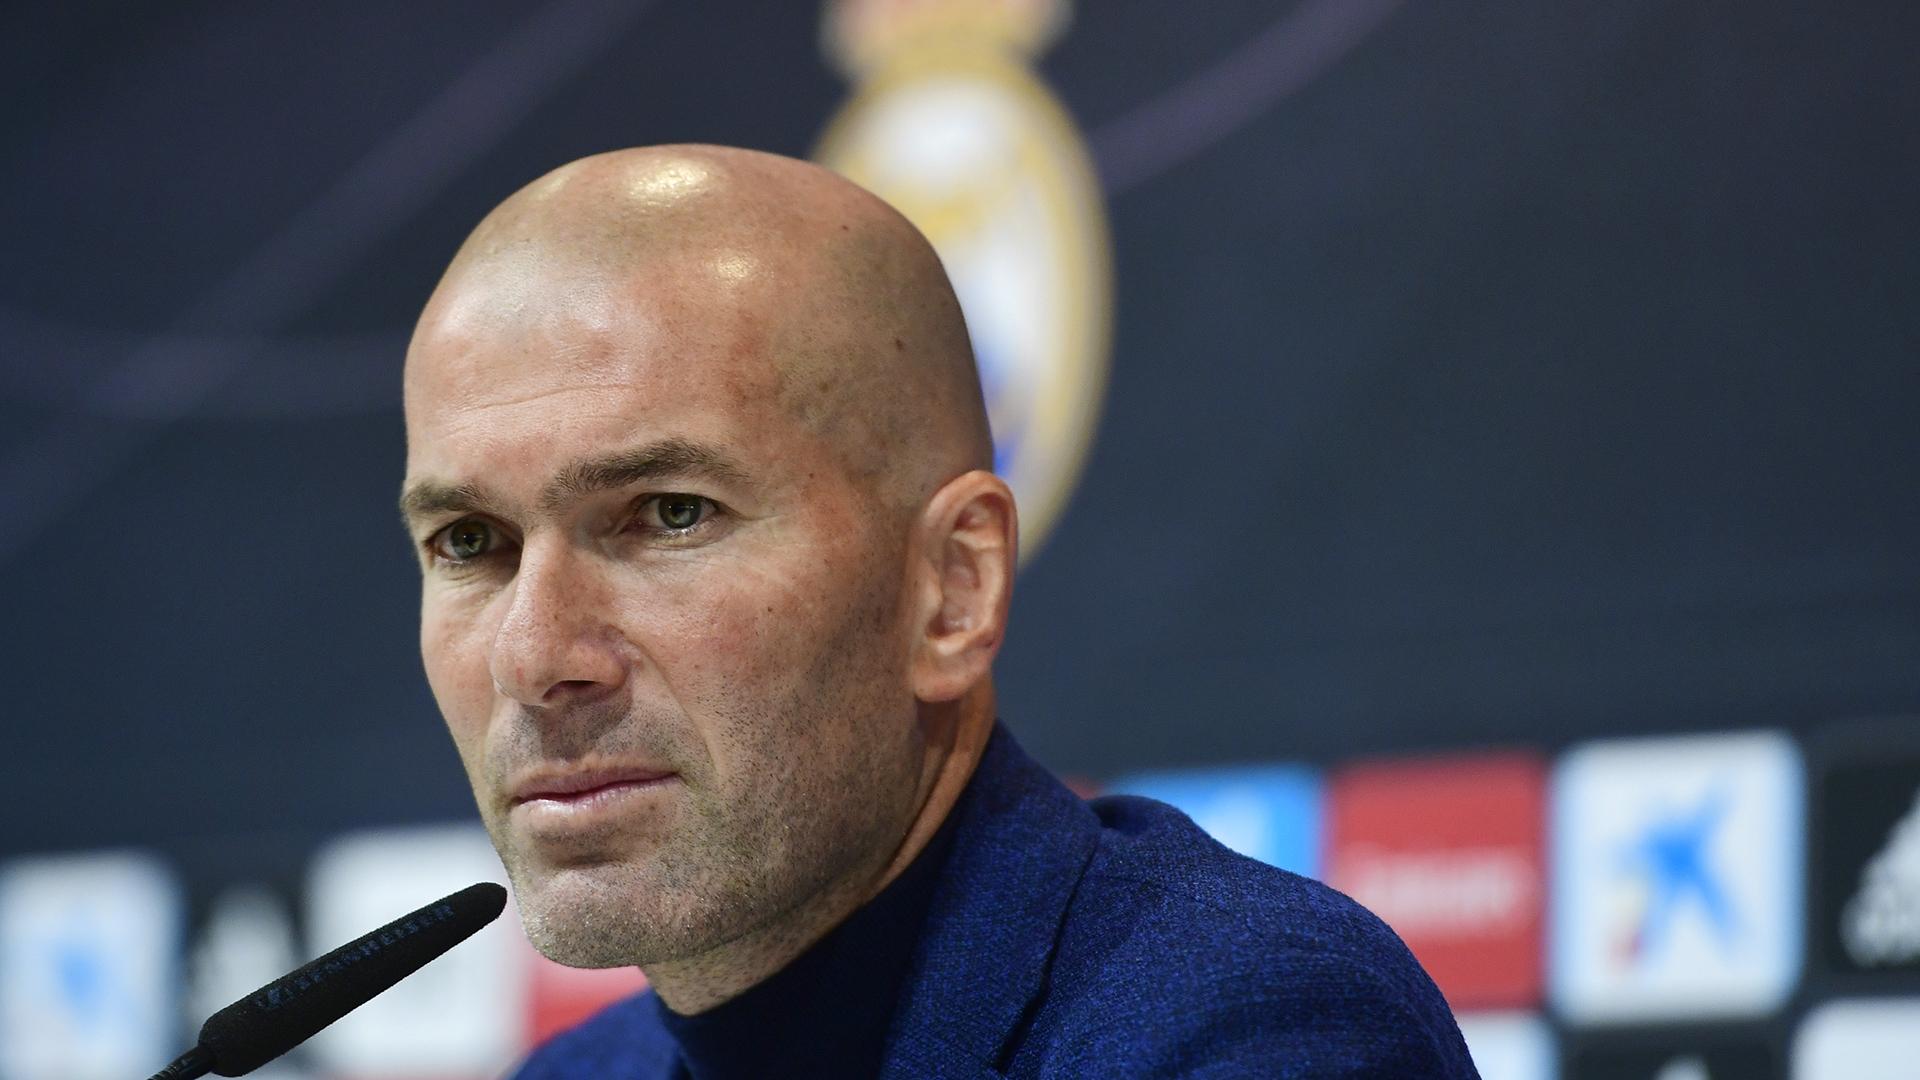 Kết quả hình ảnh cho zidane real madrid